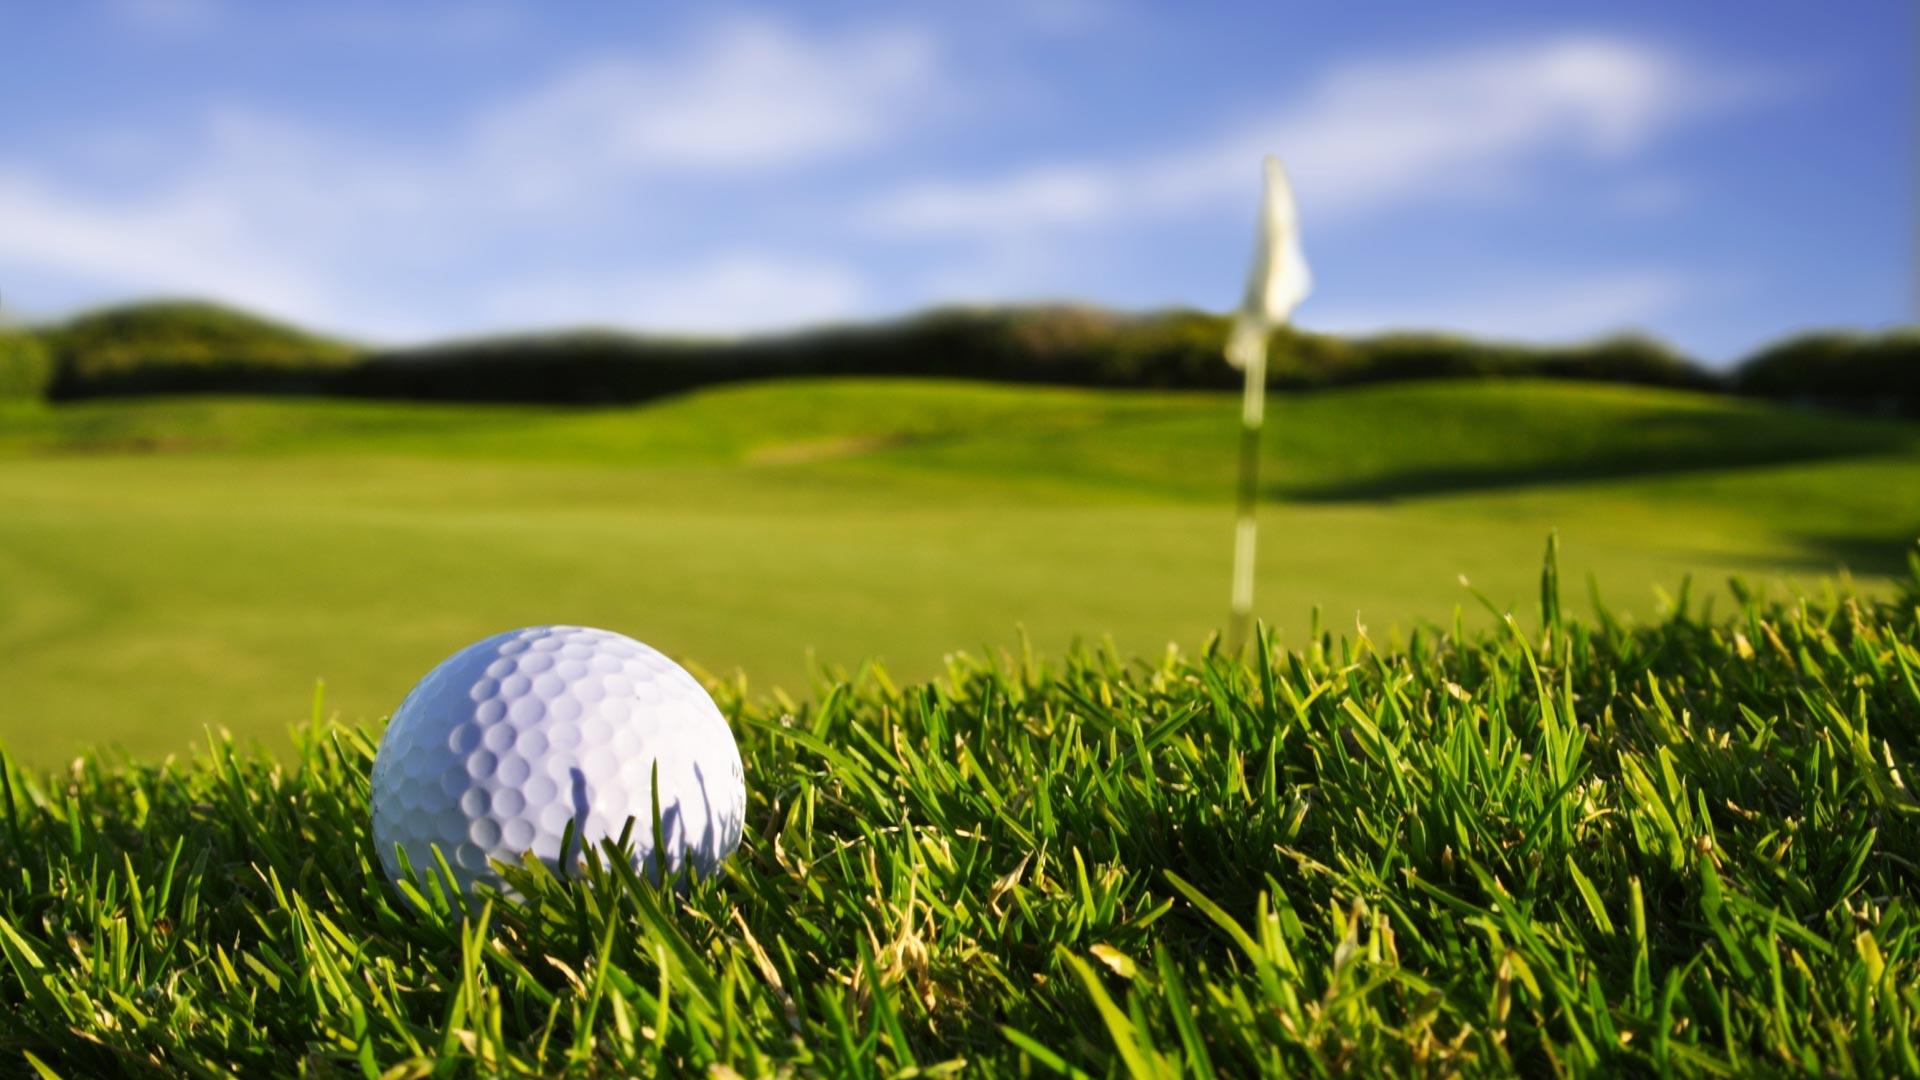 Closeup-Golf-Ball-Over-–-1080p-HD-for-Desktop-wallpaper-wp3604128